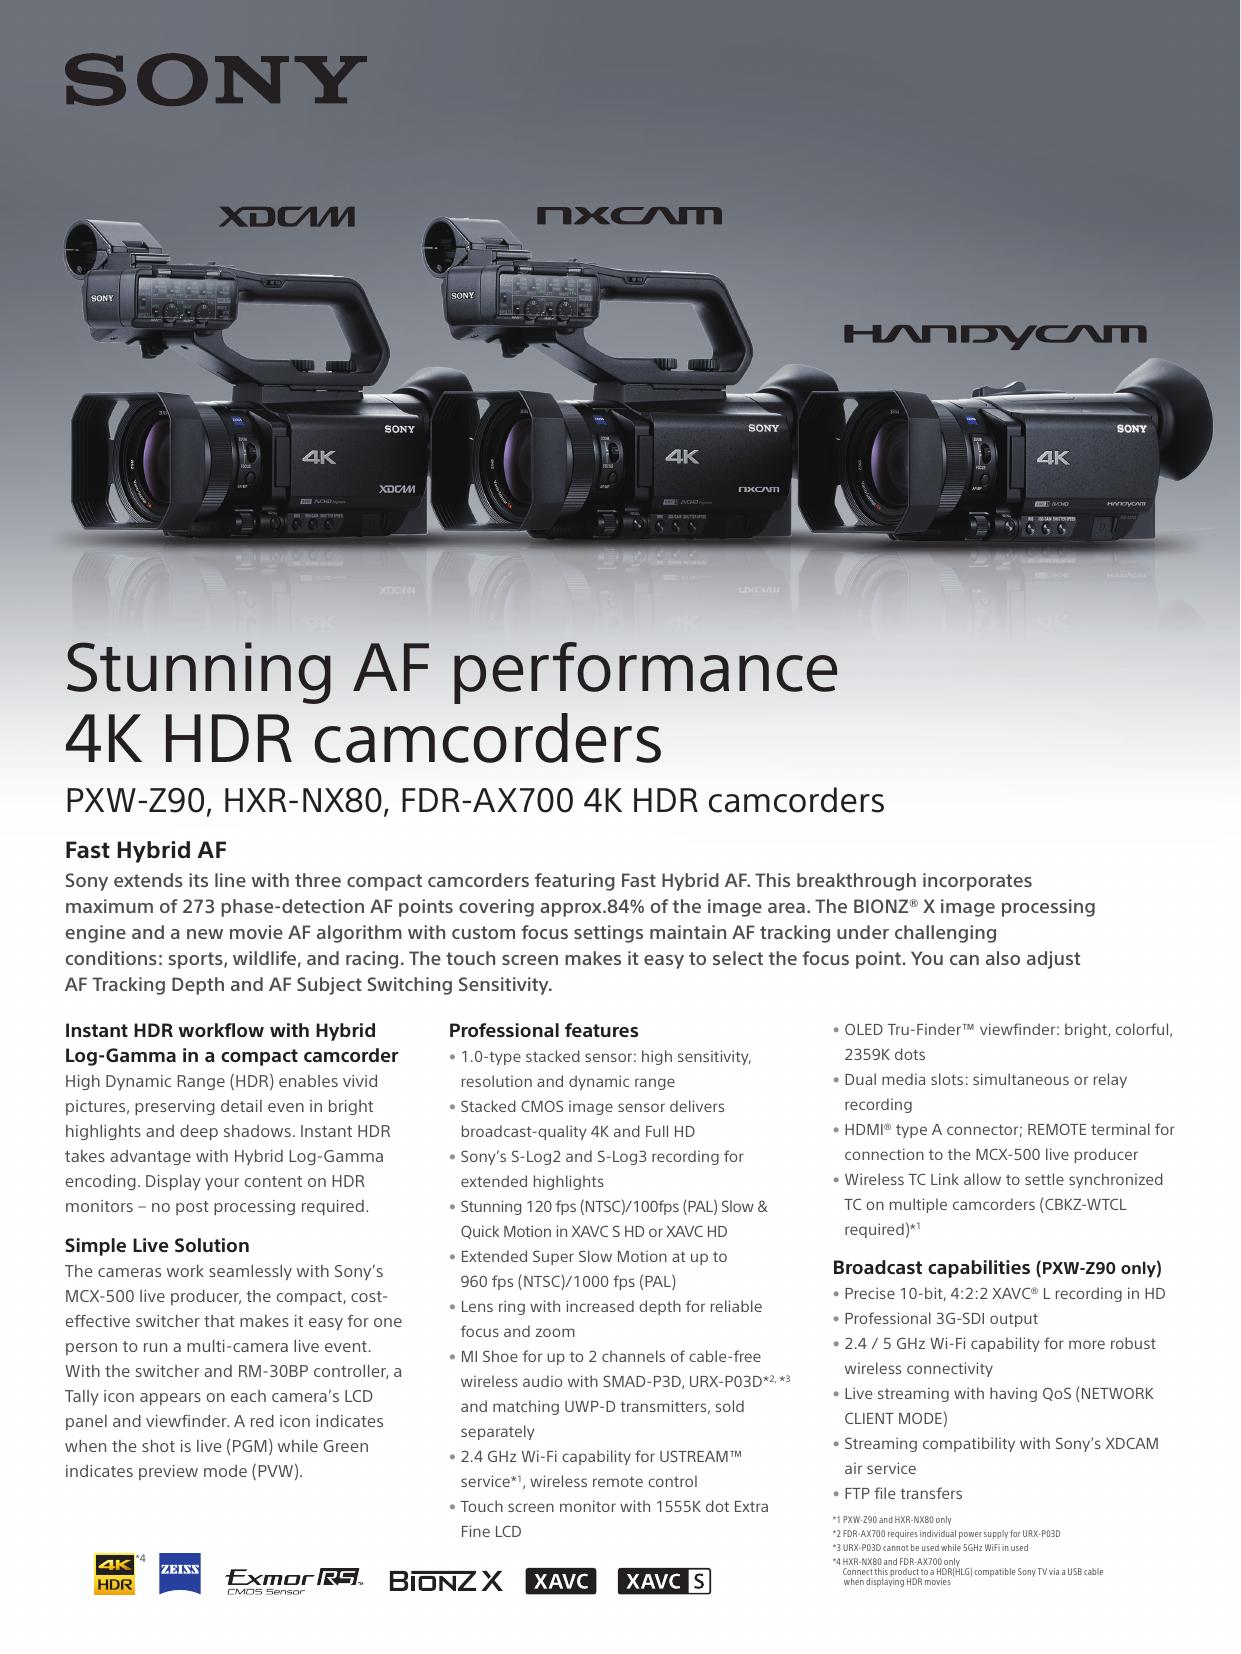 Stunning AF performance 4K HDR camcorders   manualzz com